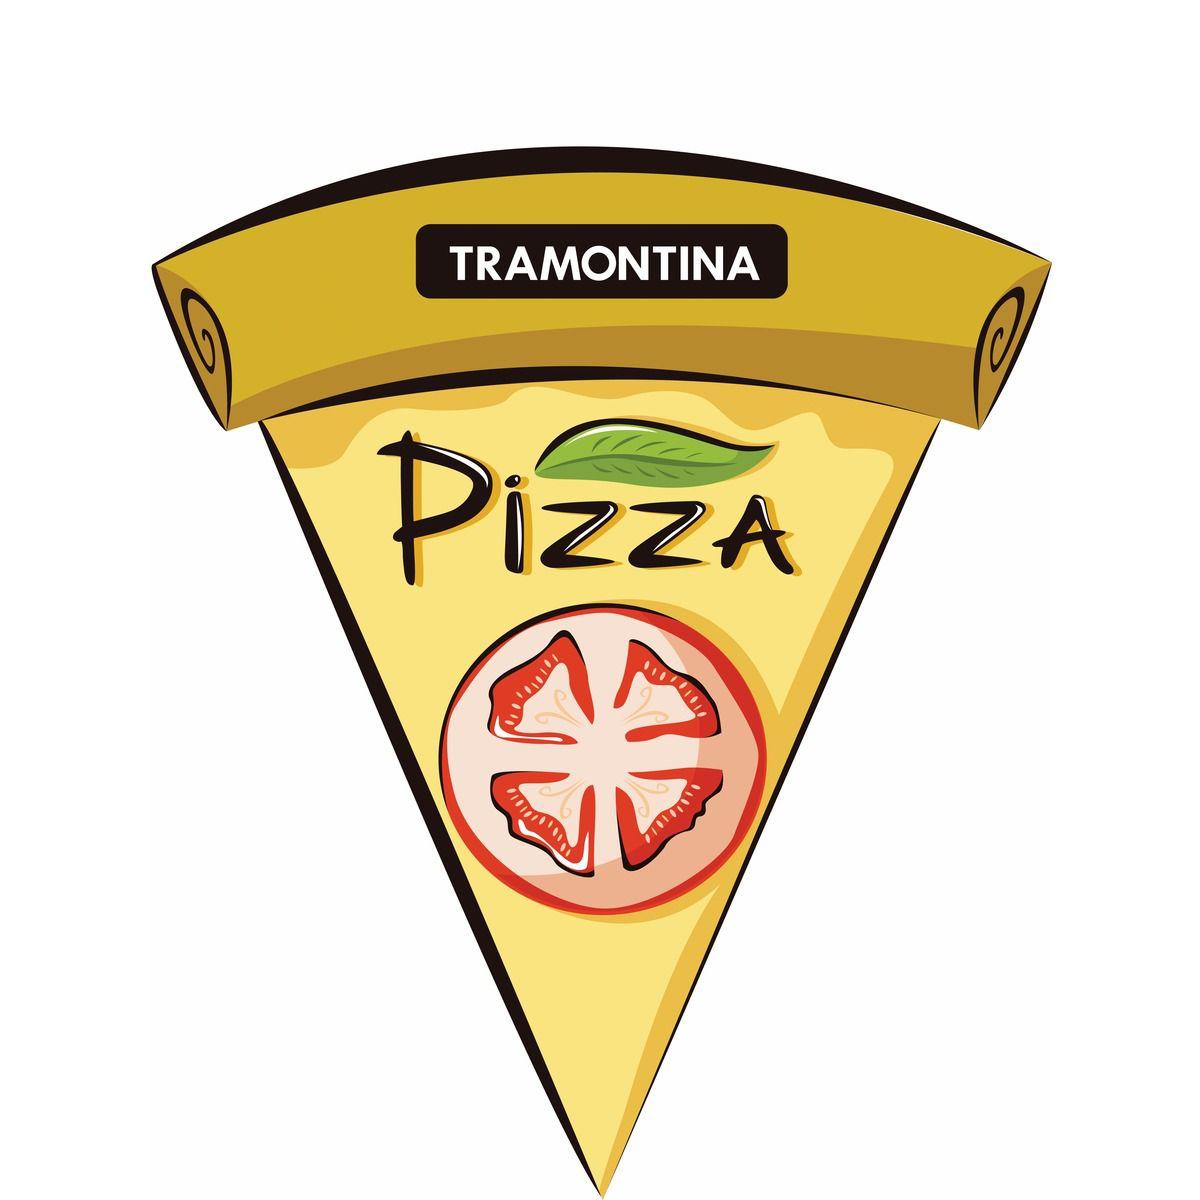 Forma para Pizza Tramontina em Aço Inox 40 cm 61731/400 | Lojas Estrela